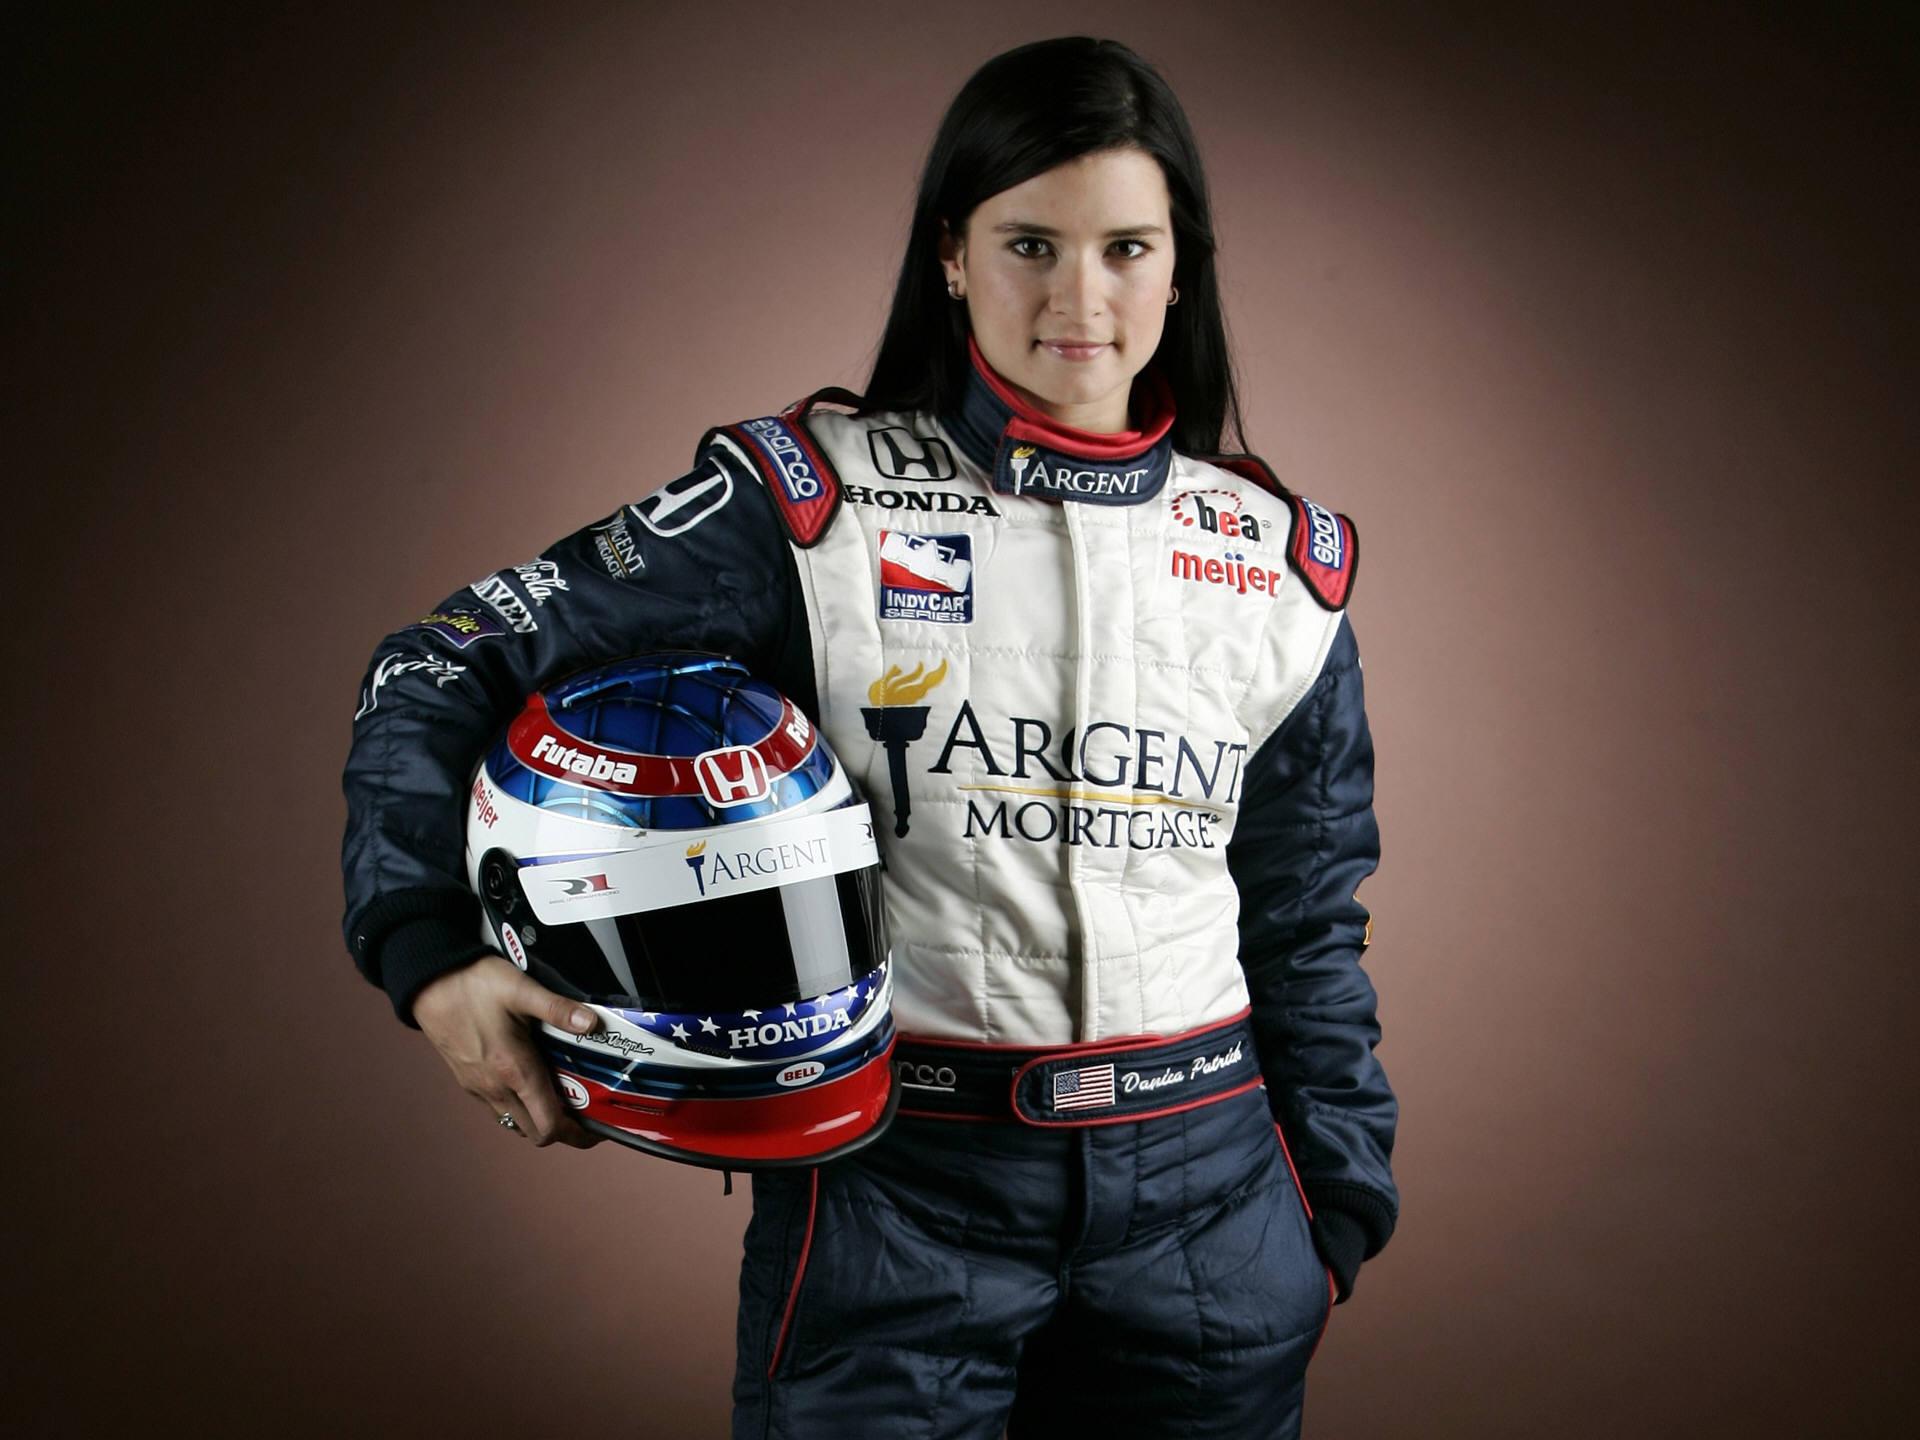 Прикол картинка женщина гонщик, прикольные новым годом